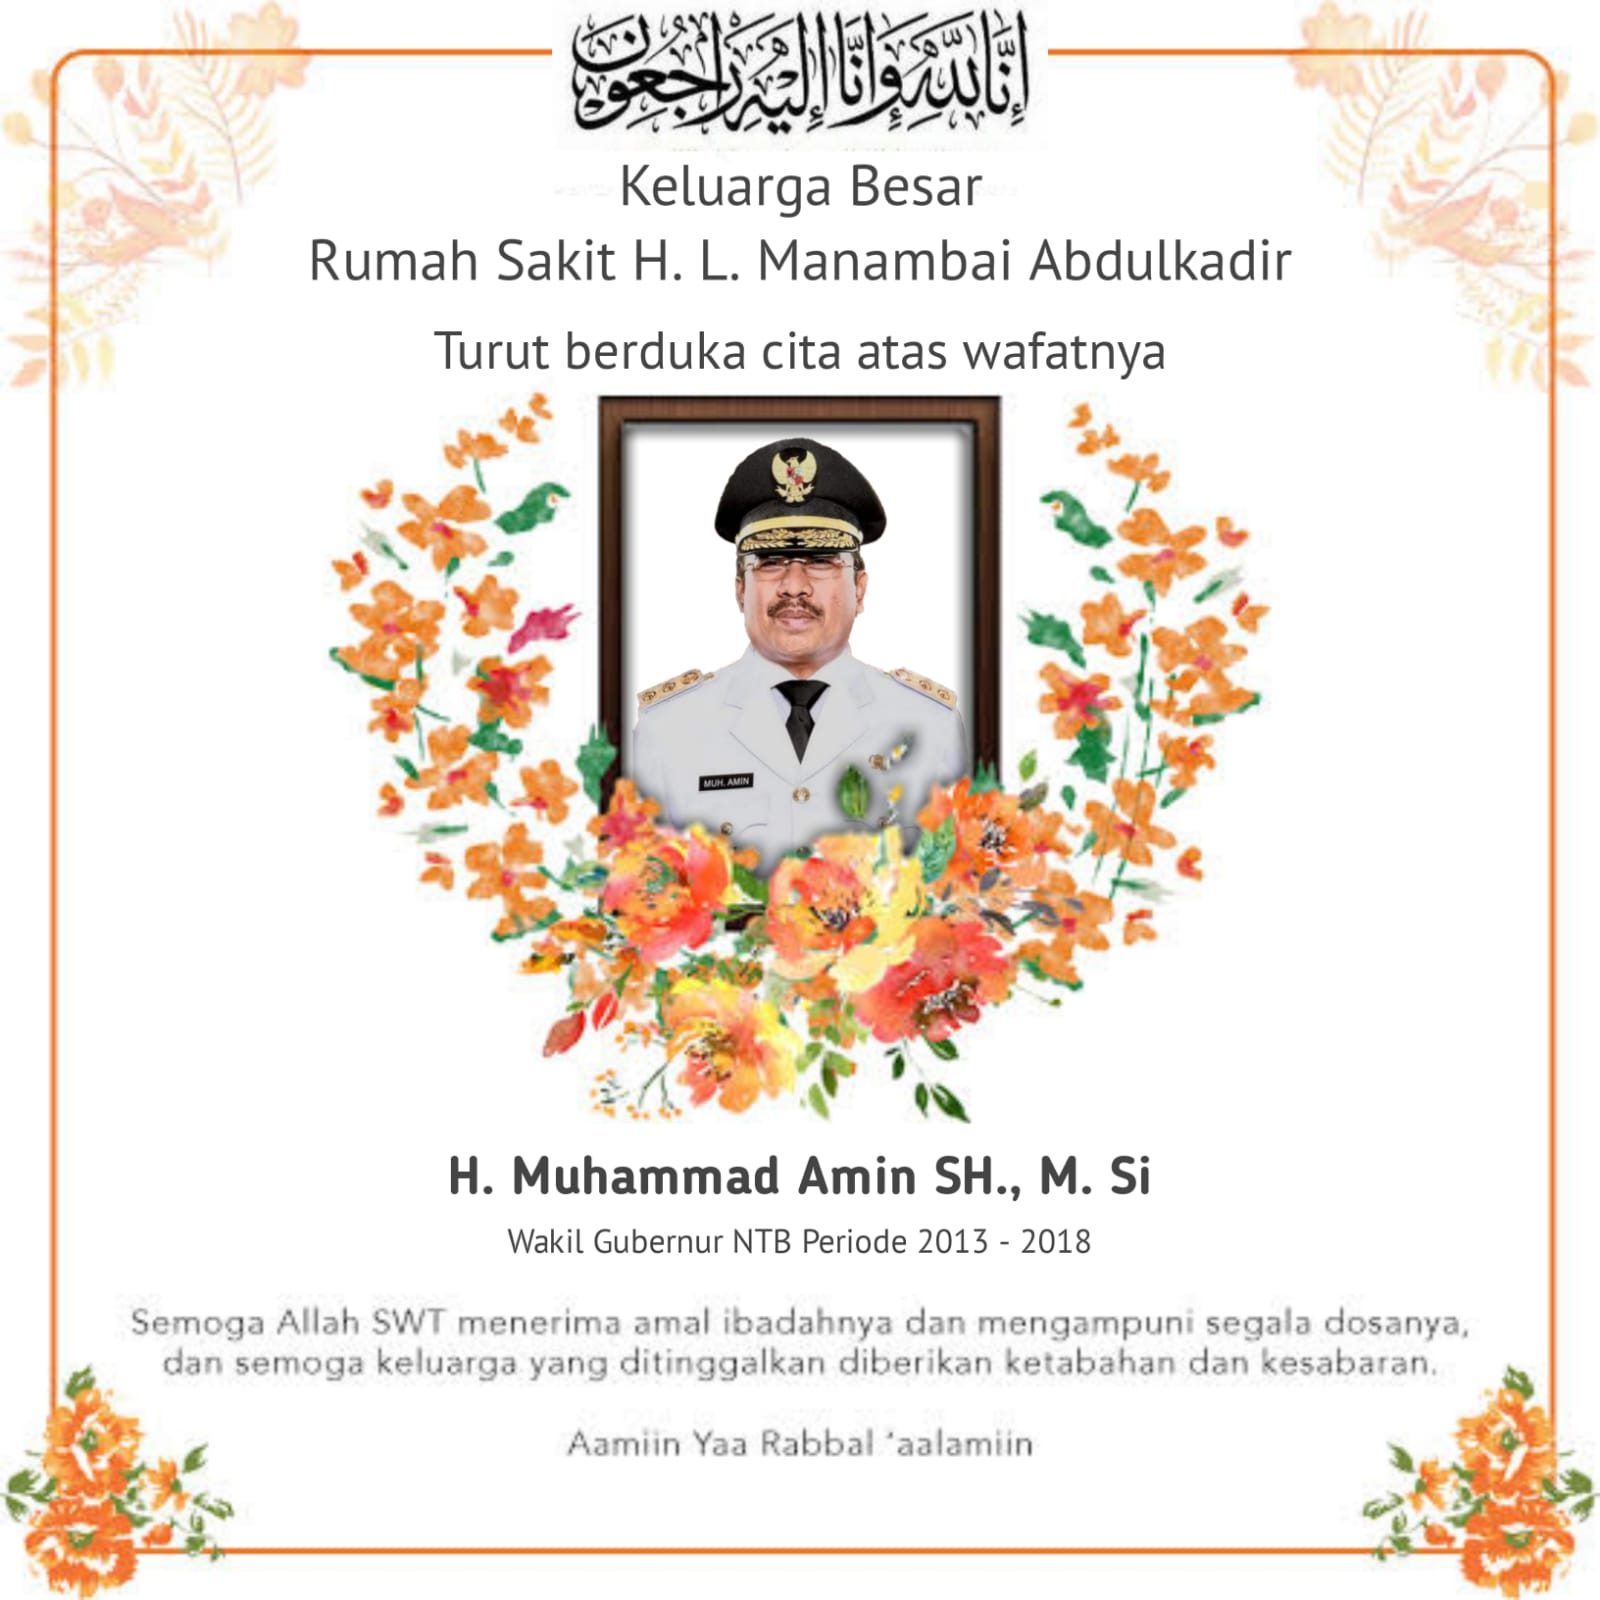 Ucapan Duka Cita Keluarga Besar RS H.L. Manambai Abdul Kadir